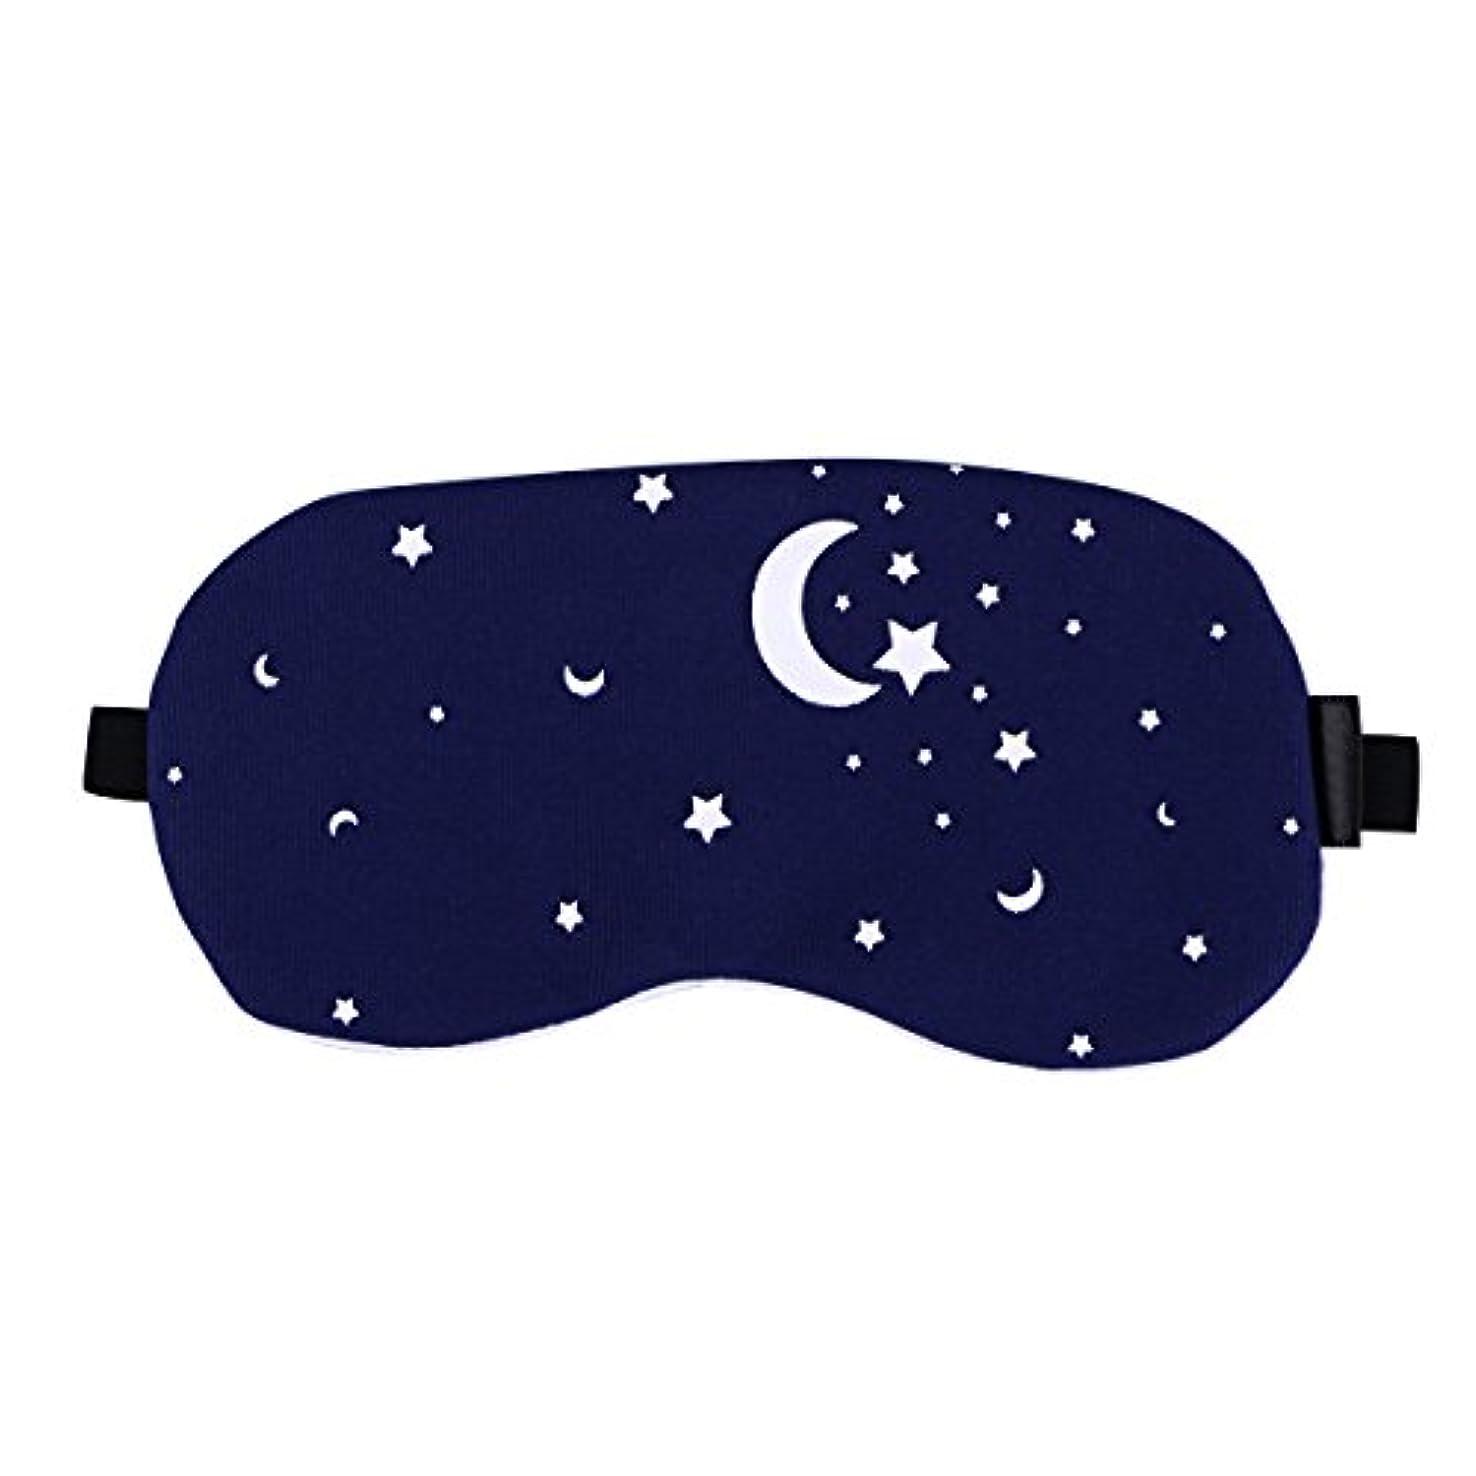 ビヨンセーブ本土SUPVOX コットンスリーピングマスクブラインダーパッチ調節可能なストラップアイシャドーコールド/ホットジェル(星空)